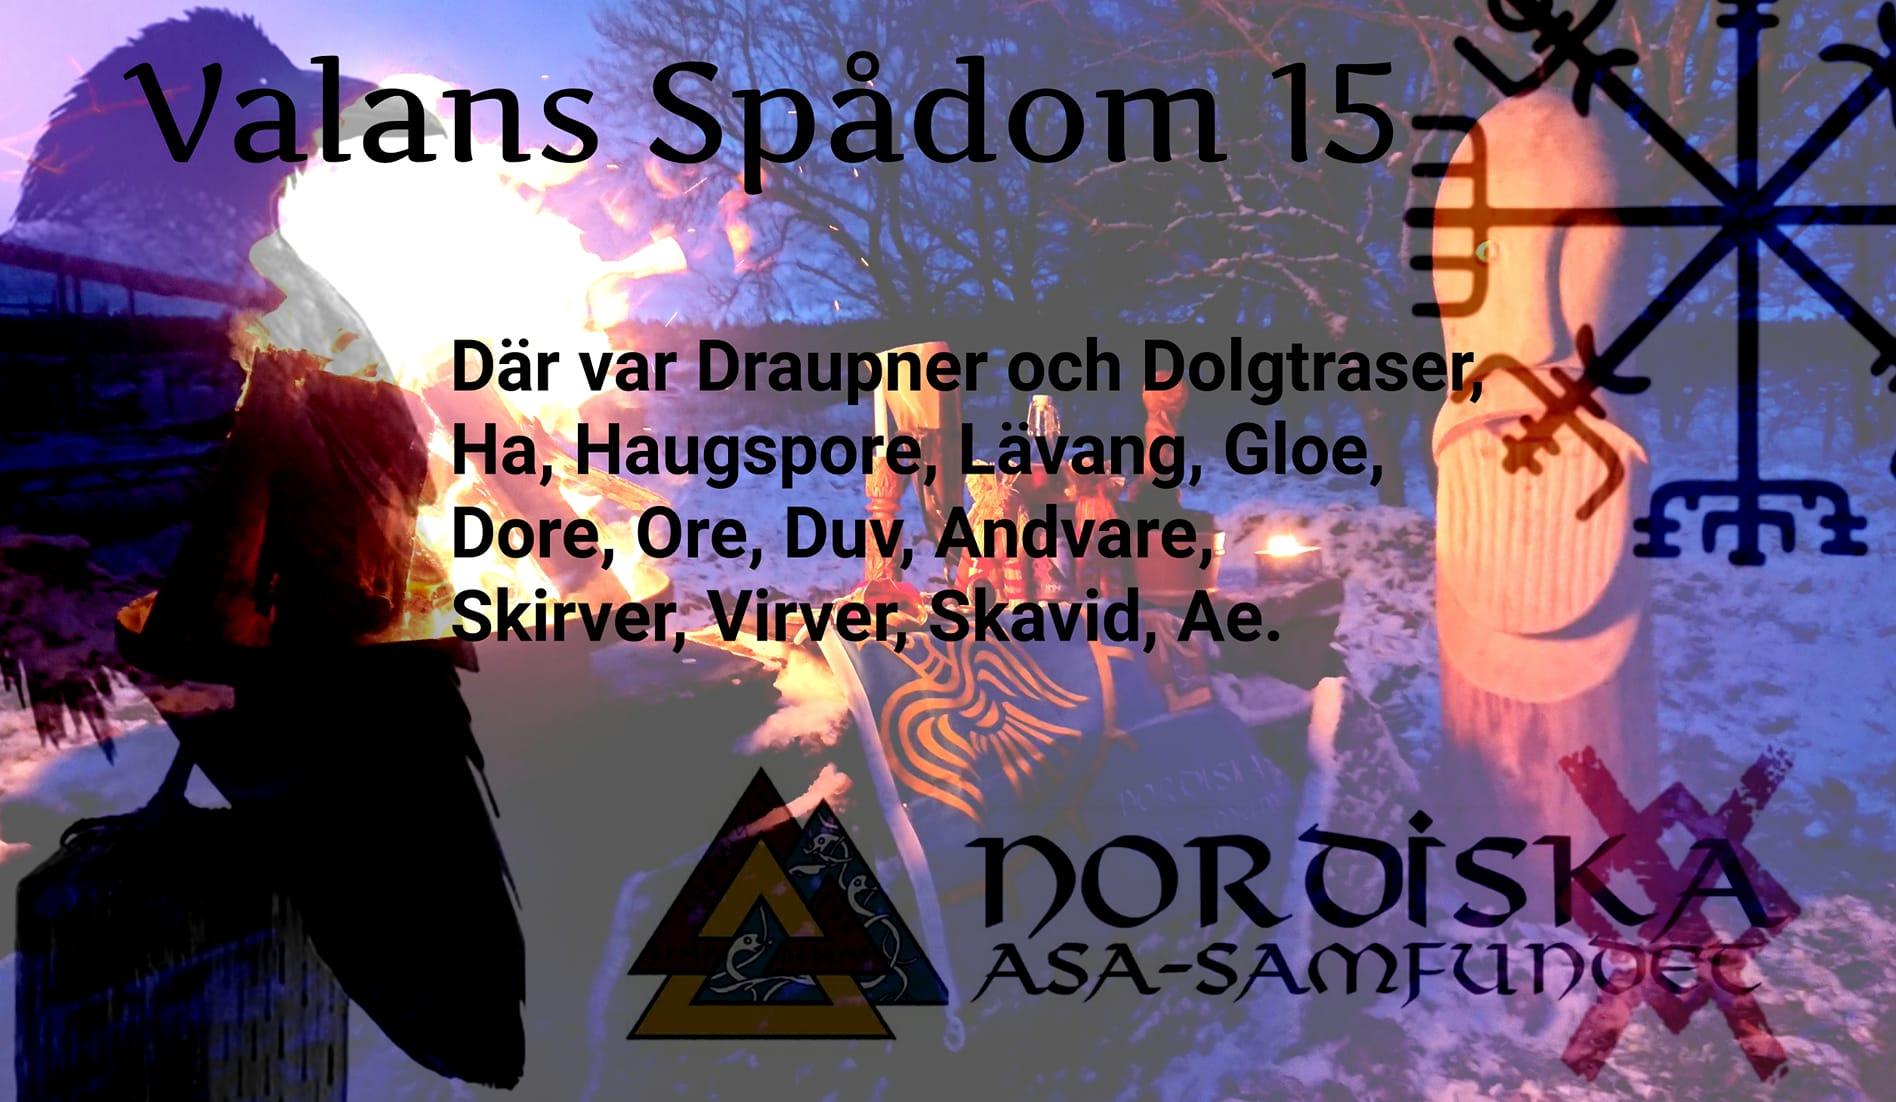 Valans-spadom-voluspa_vers15